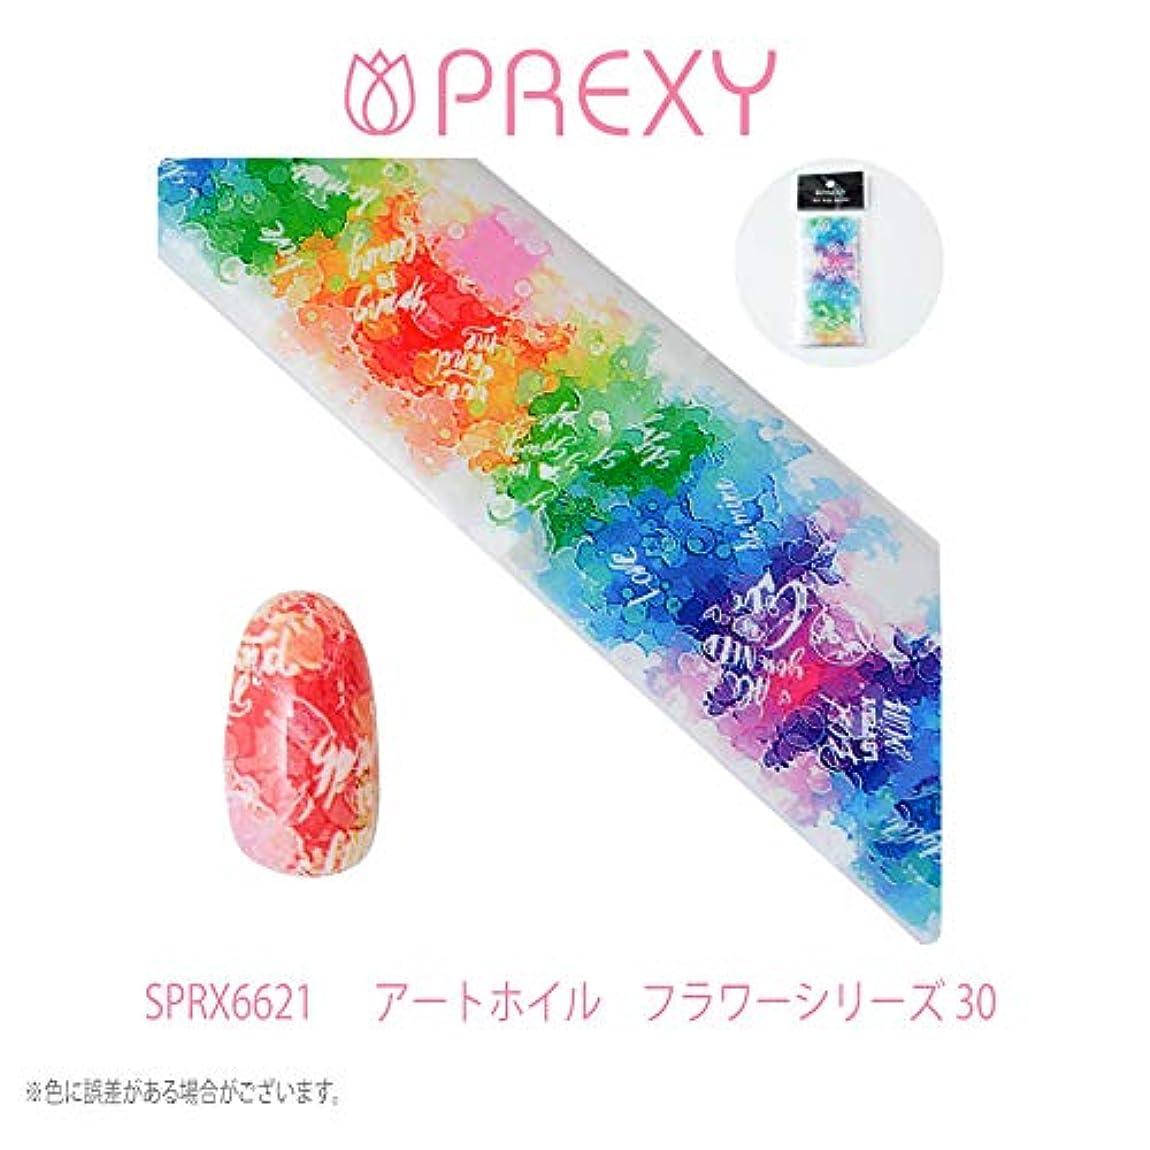 PREXY プリクシーアートホイル フラワーシリーズ30